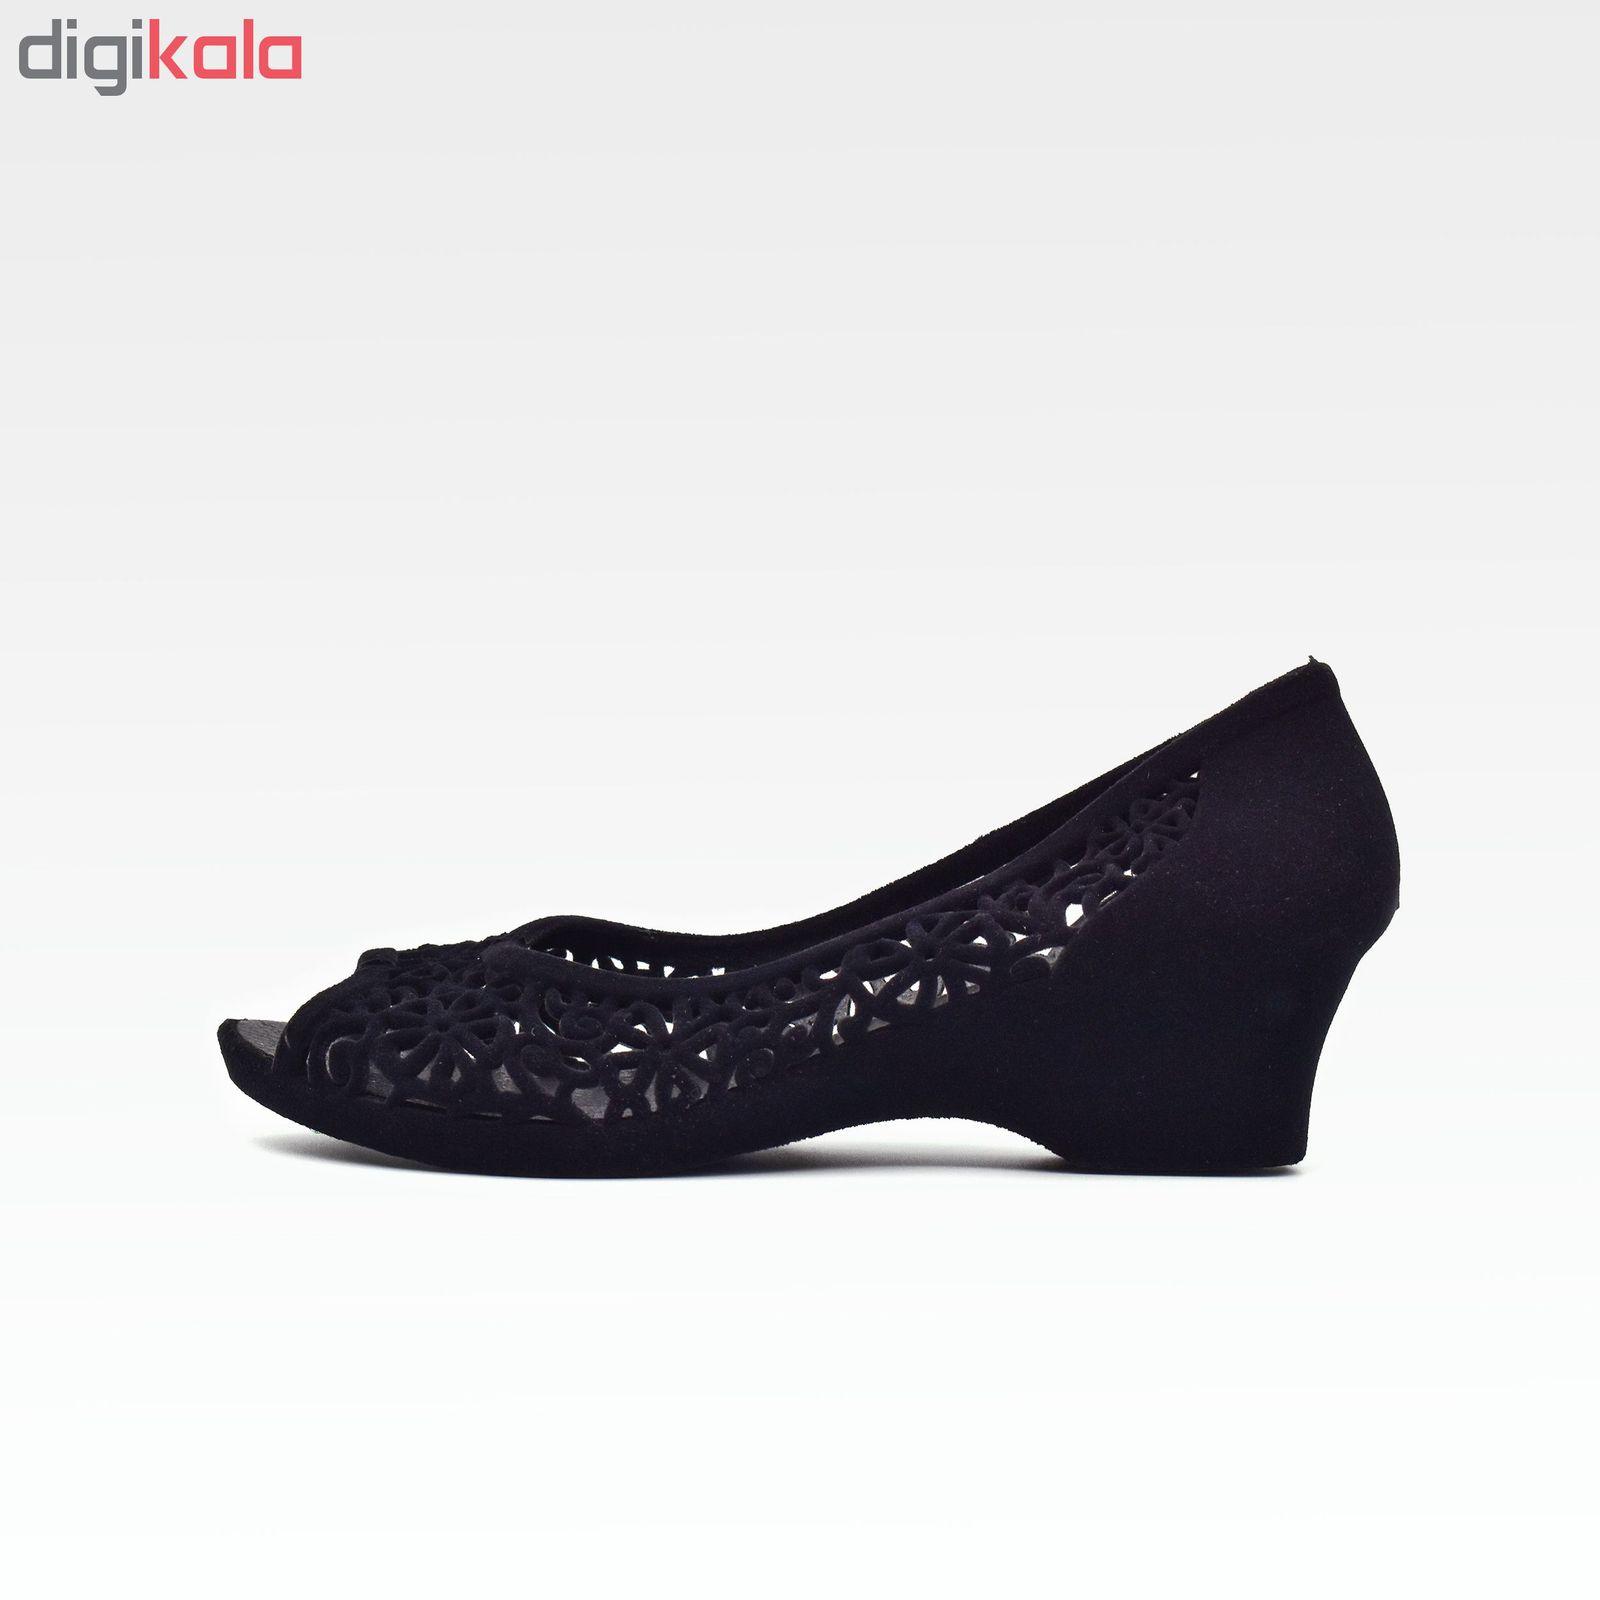 صندل زنانه کفش سورن مدل توران کد 5749 main 1 1